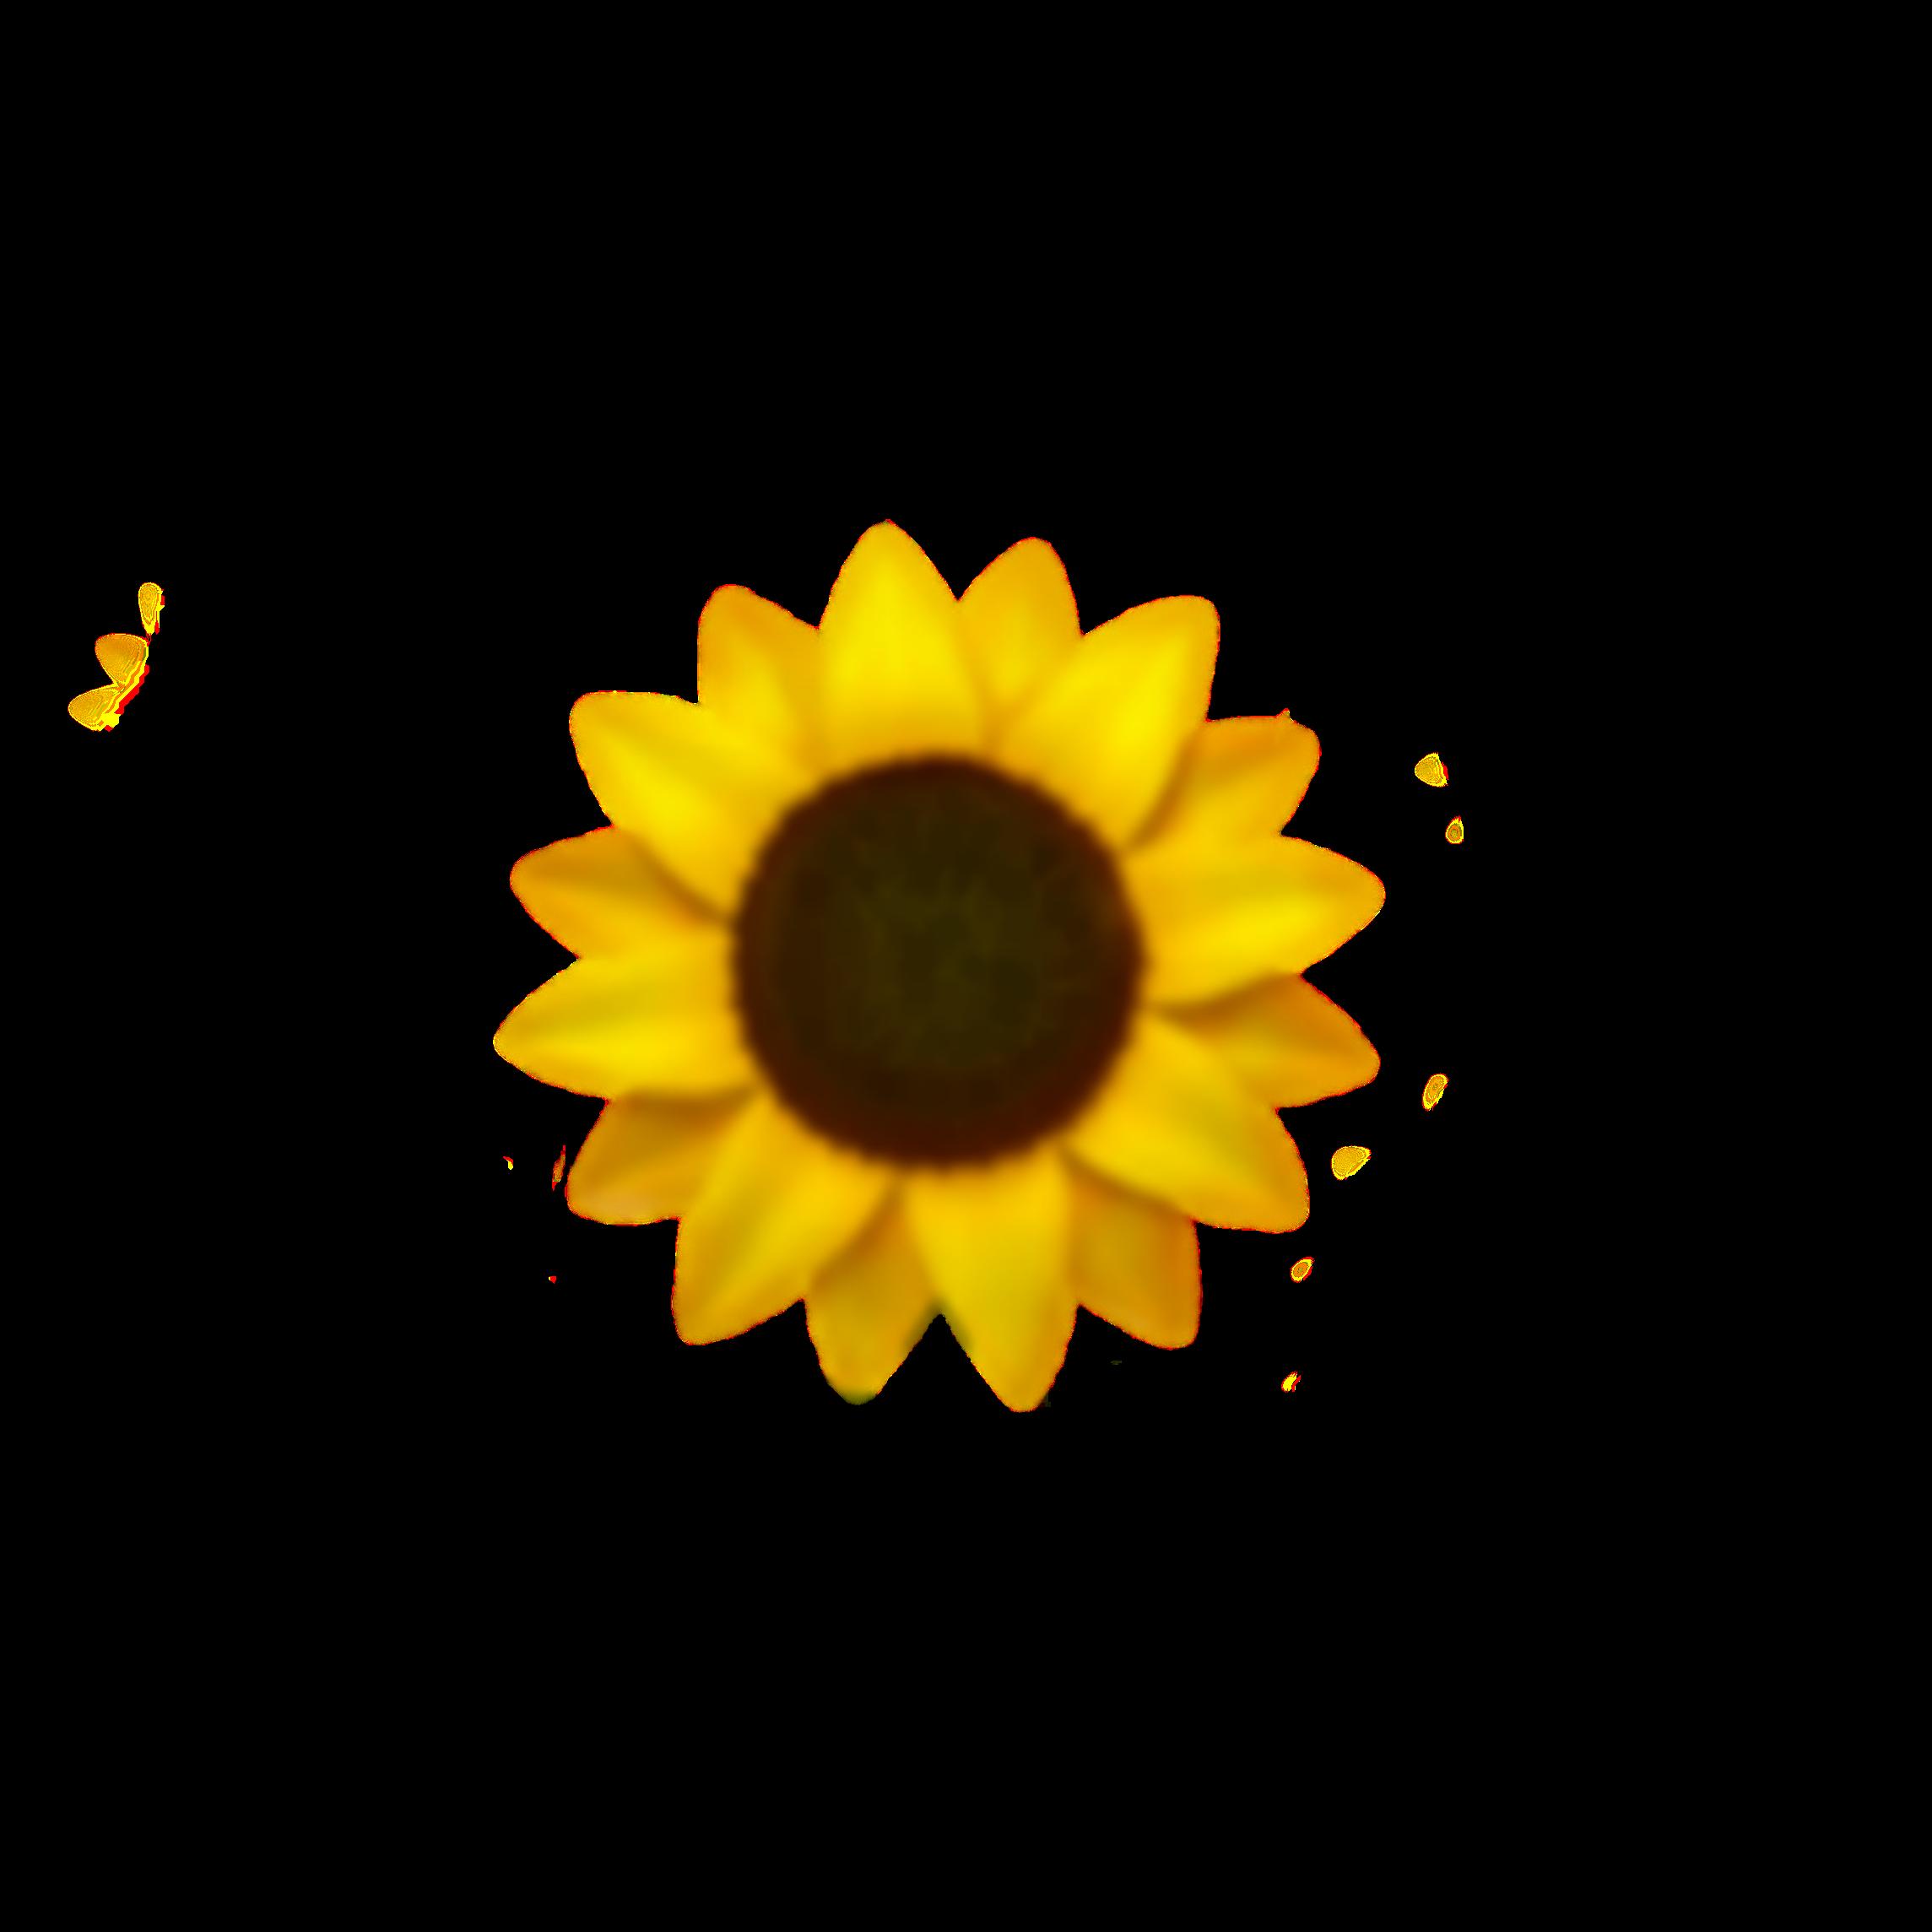 sunflower yellowaesthetic yellow emojiiphone emoji...